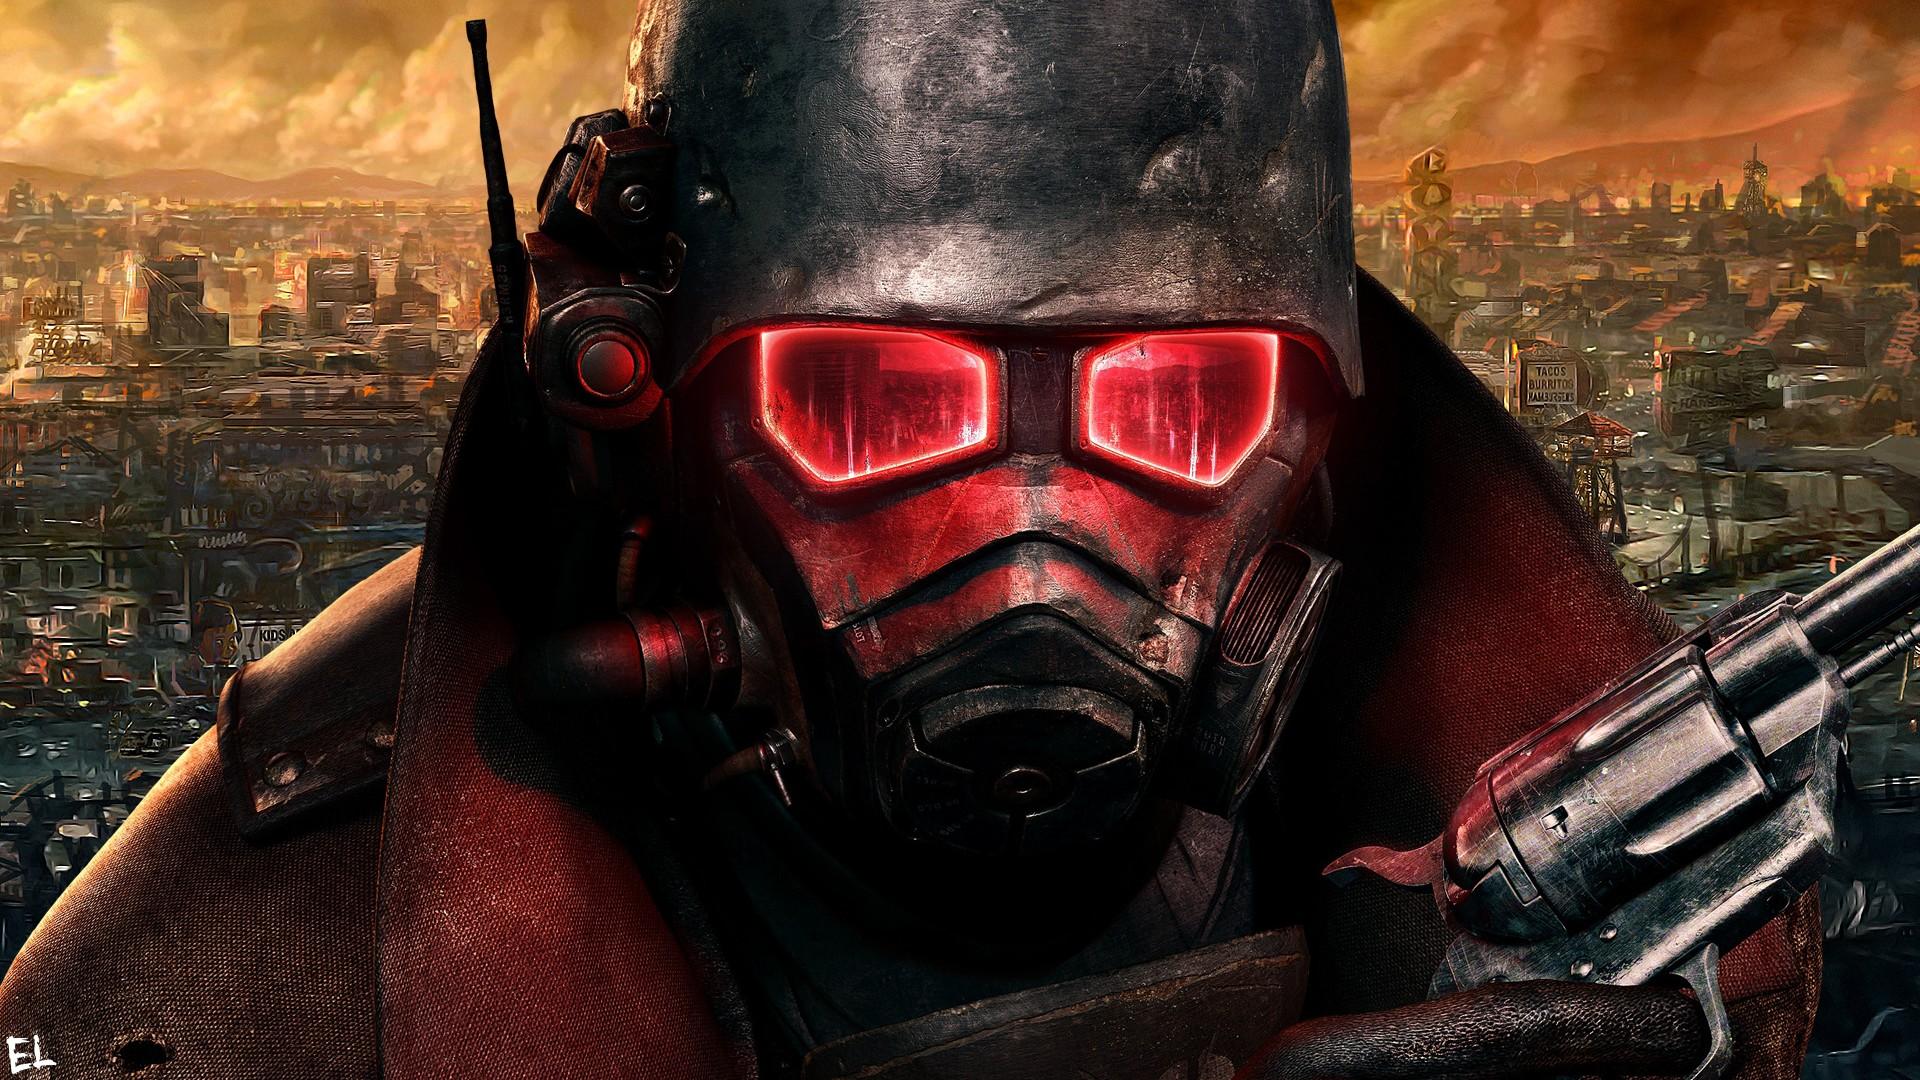 Fallout 4 Wallpaper 1920x1080 Fallout Wallpaper 1920x1080 1920x1080